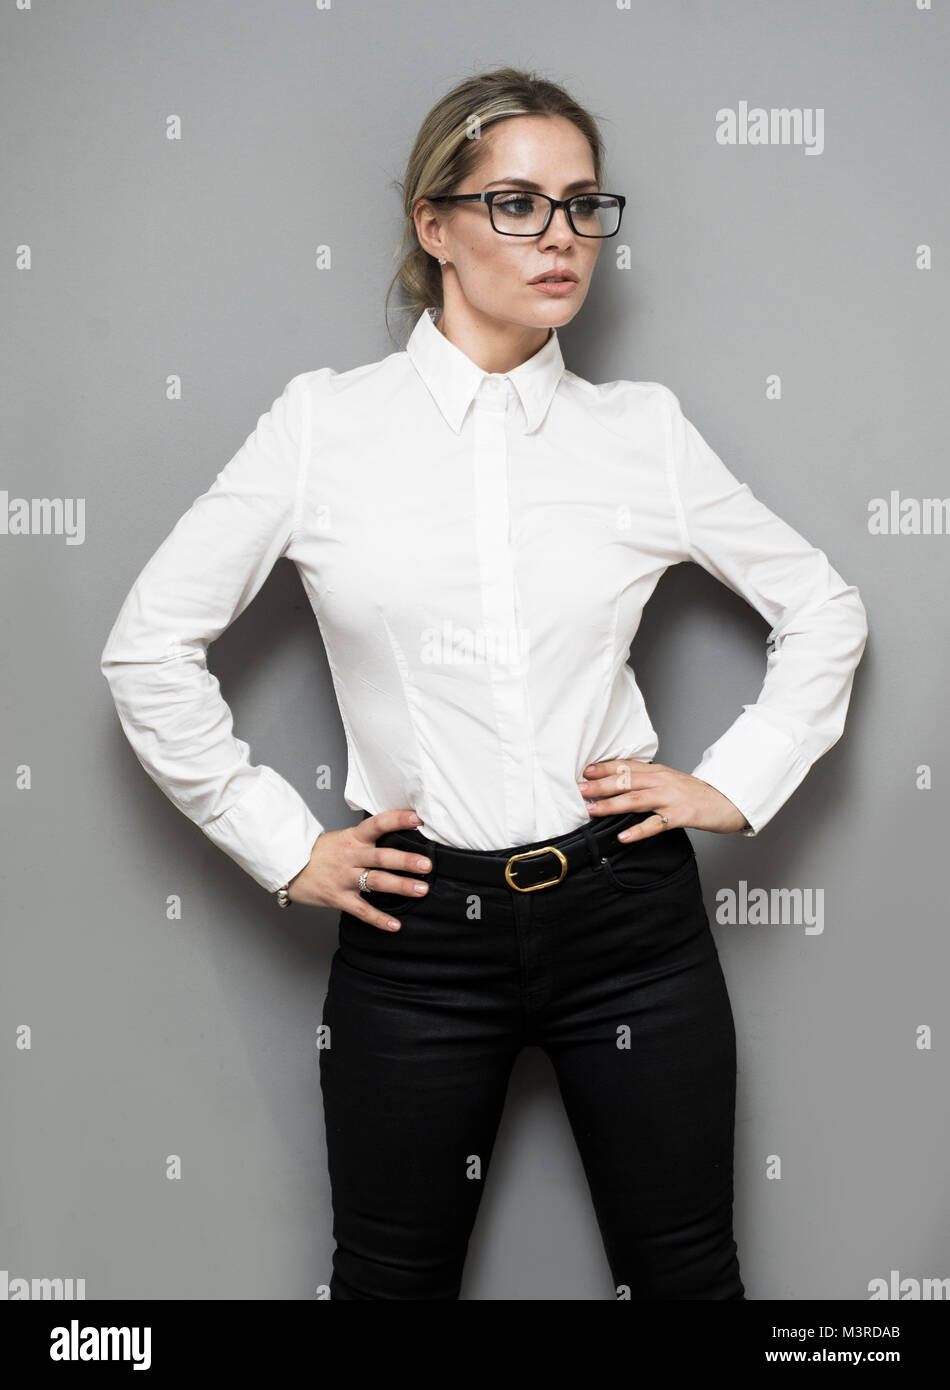 f62835d8c8c255 Attraente giovane donna di affari in camicia bianca con gli occhiali contro  un muro grigio Immagini